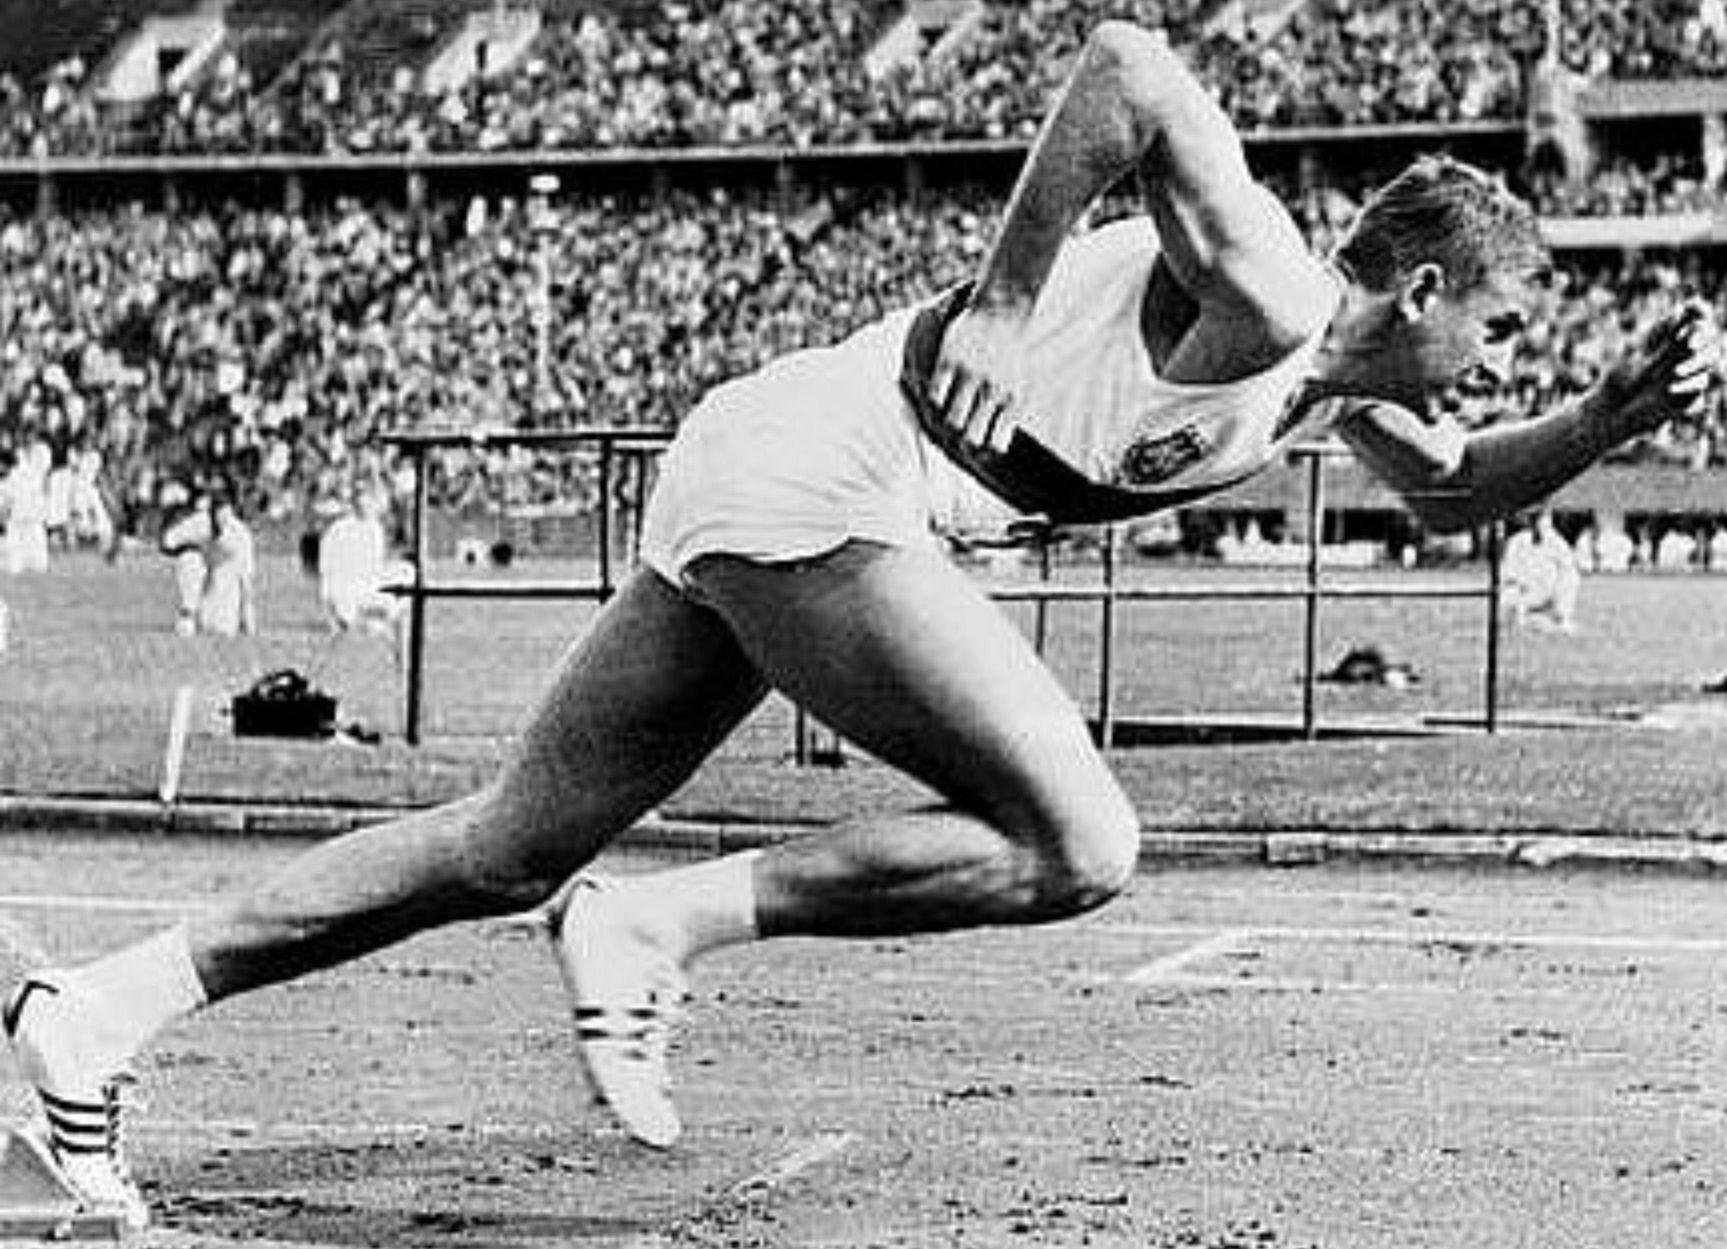 Armin Hary. (GER). El primer hombre en conseguir la marca de 10,0s. (21 junio 1960). Campeón olímpico en Roma '60 con 10,2s R.O. por delante de David Sime (USA).